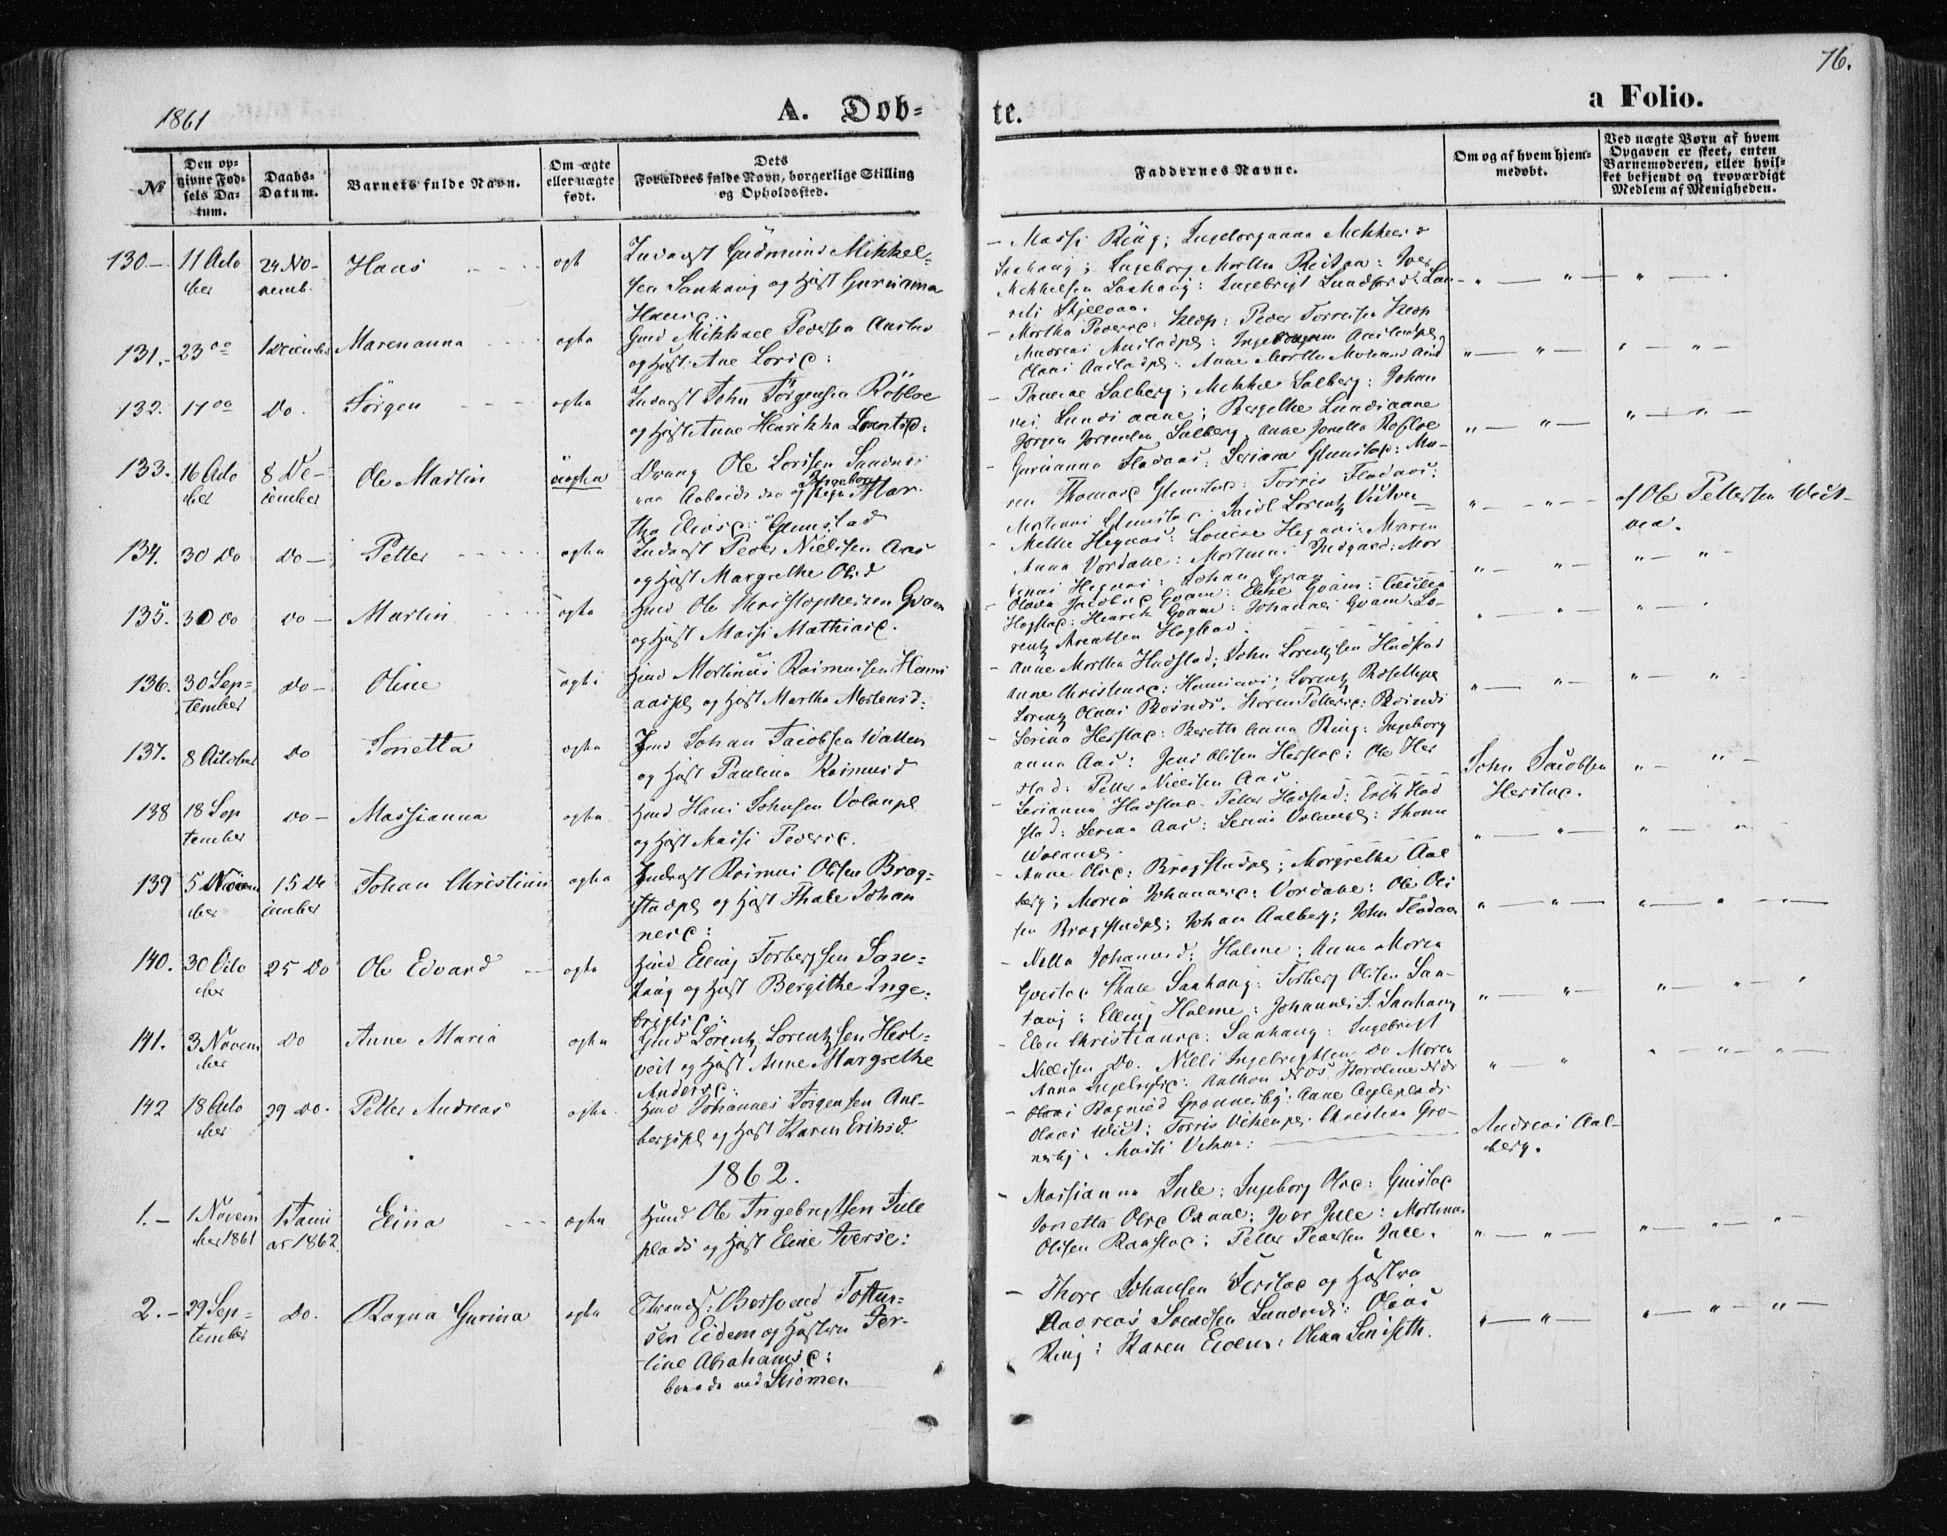 SAT, Ministerialprotokoller, klokkerbøker og fødselsregistre - Nord-Trøndelag, 730/L0283: Ministerialbok nr. 730A08, 1855-1865, s. 76